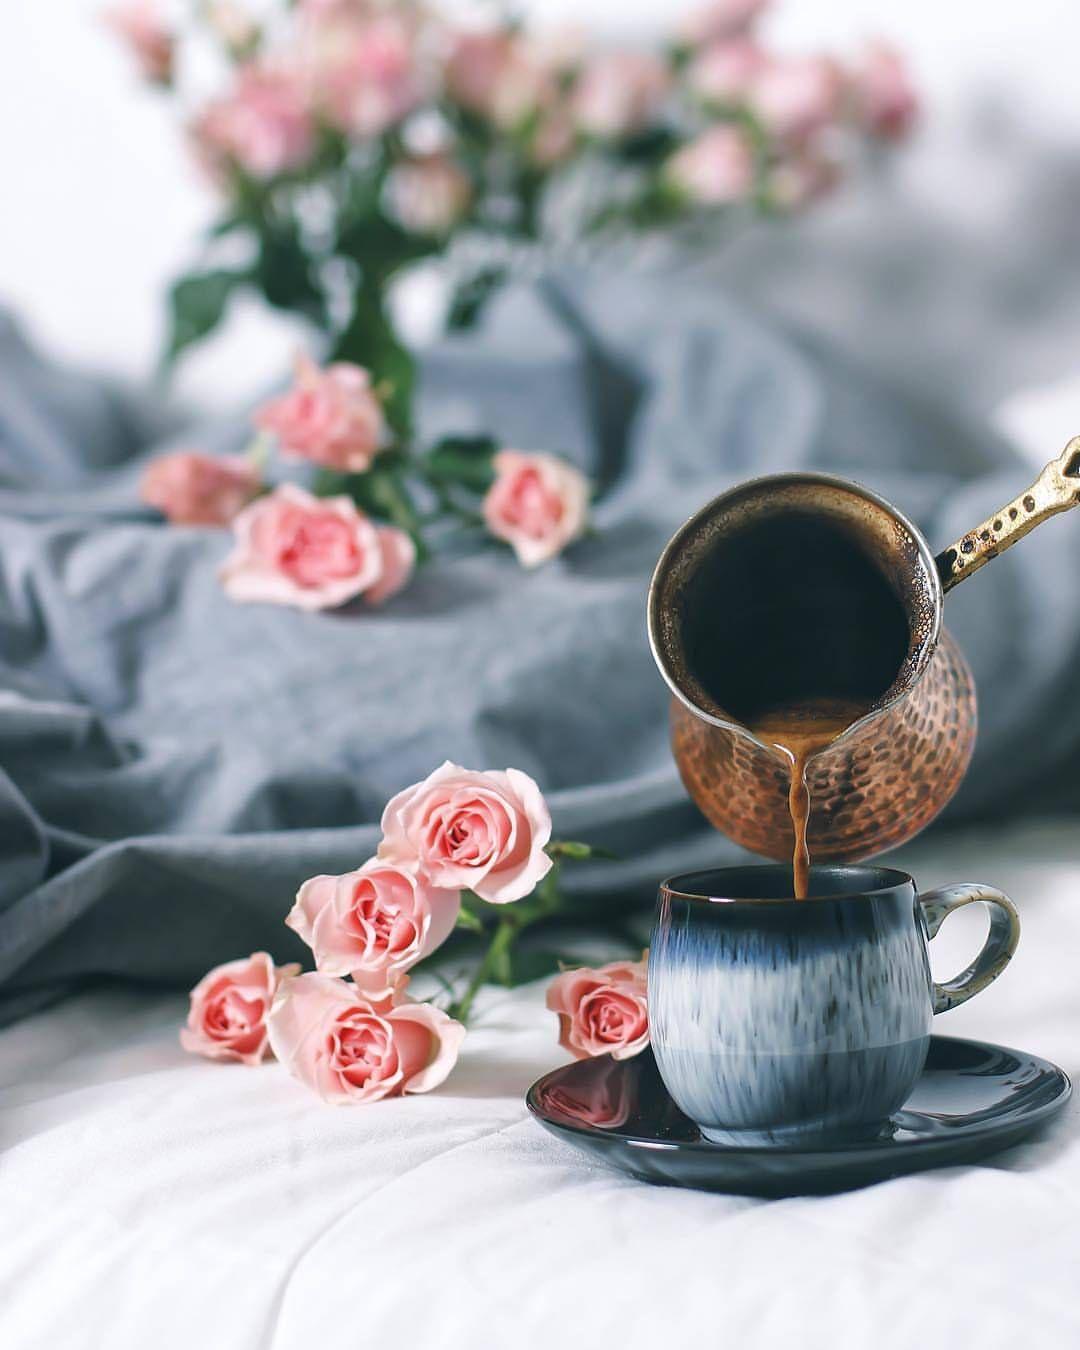 ㅤ بالقرب من الورد وسط كوب قهوه ㅤ By Amo0ula ㅤ ㅤ 1 لترشيحها كصورة الاسبوع بتعليق منفصل 10 2 التقييم Coffee Love Coffee Photography Coffee Pictures